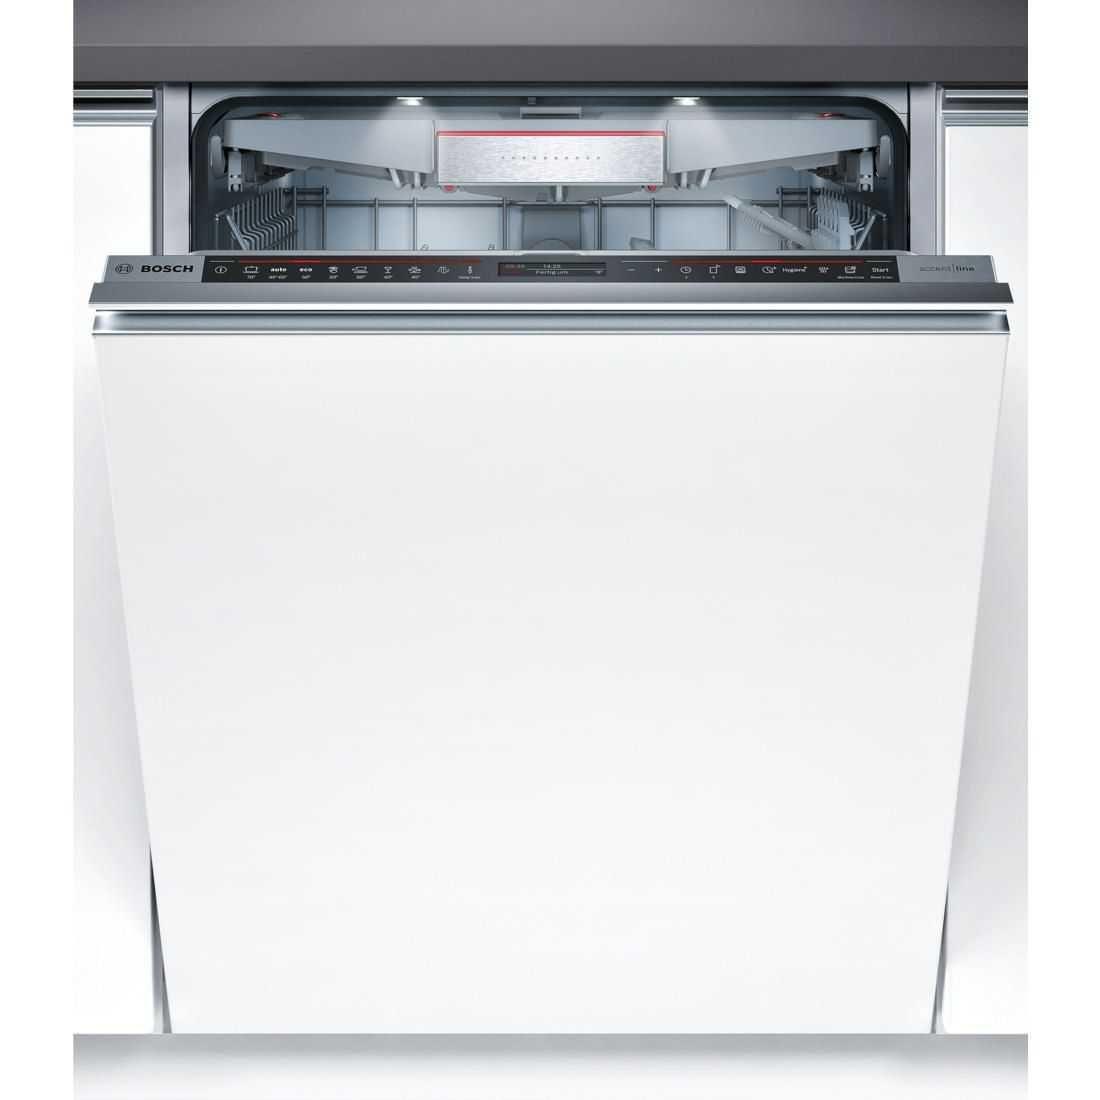 Bosch Einbaugeschirrspüler SMA88TD16E A+++ günstig kaufen